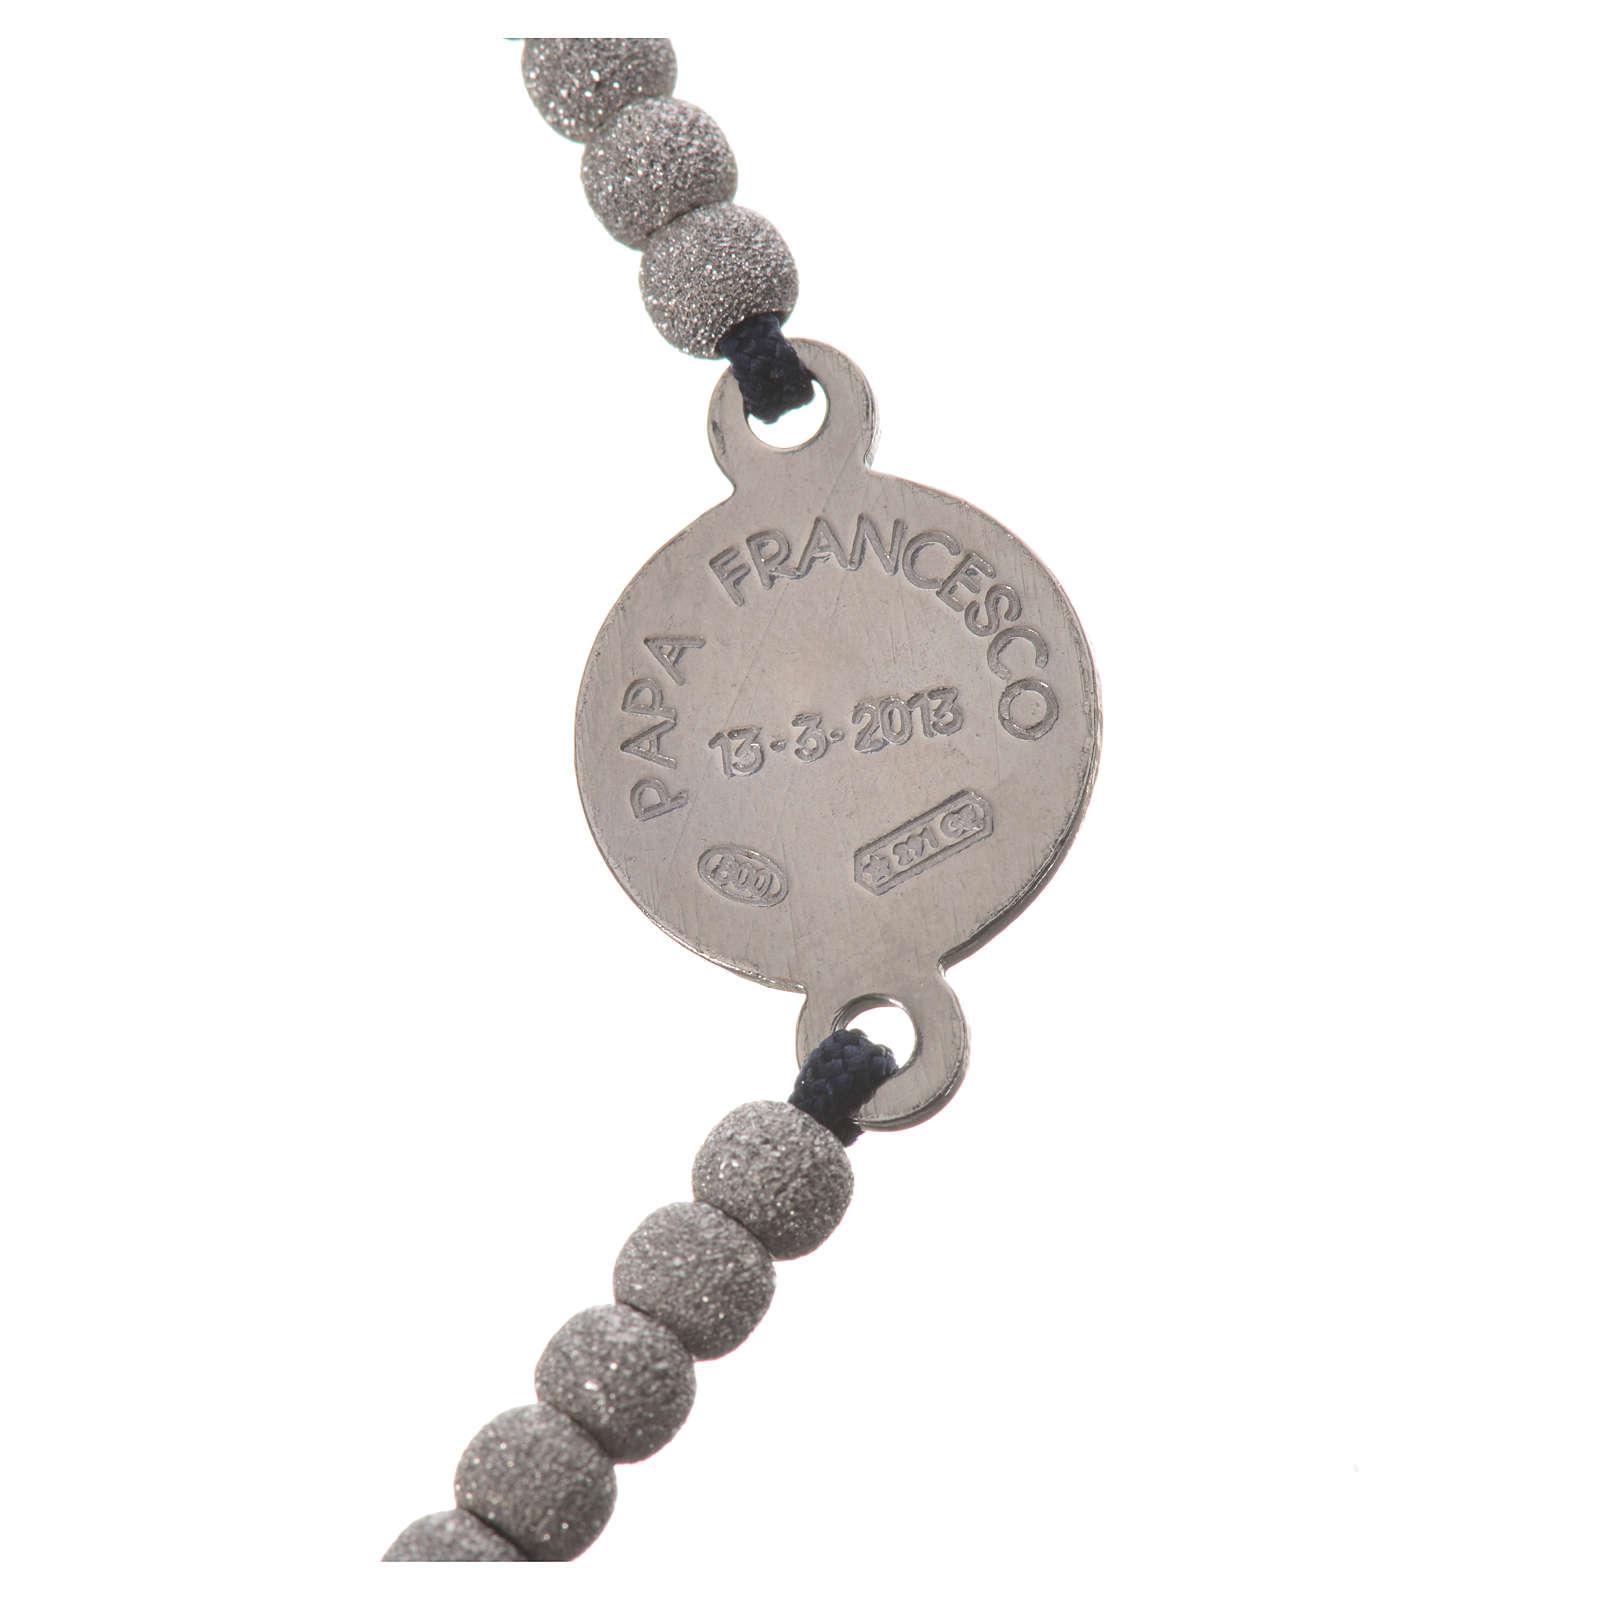 Bracelet corde noire médaille argent 800 Pape François 4